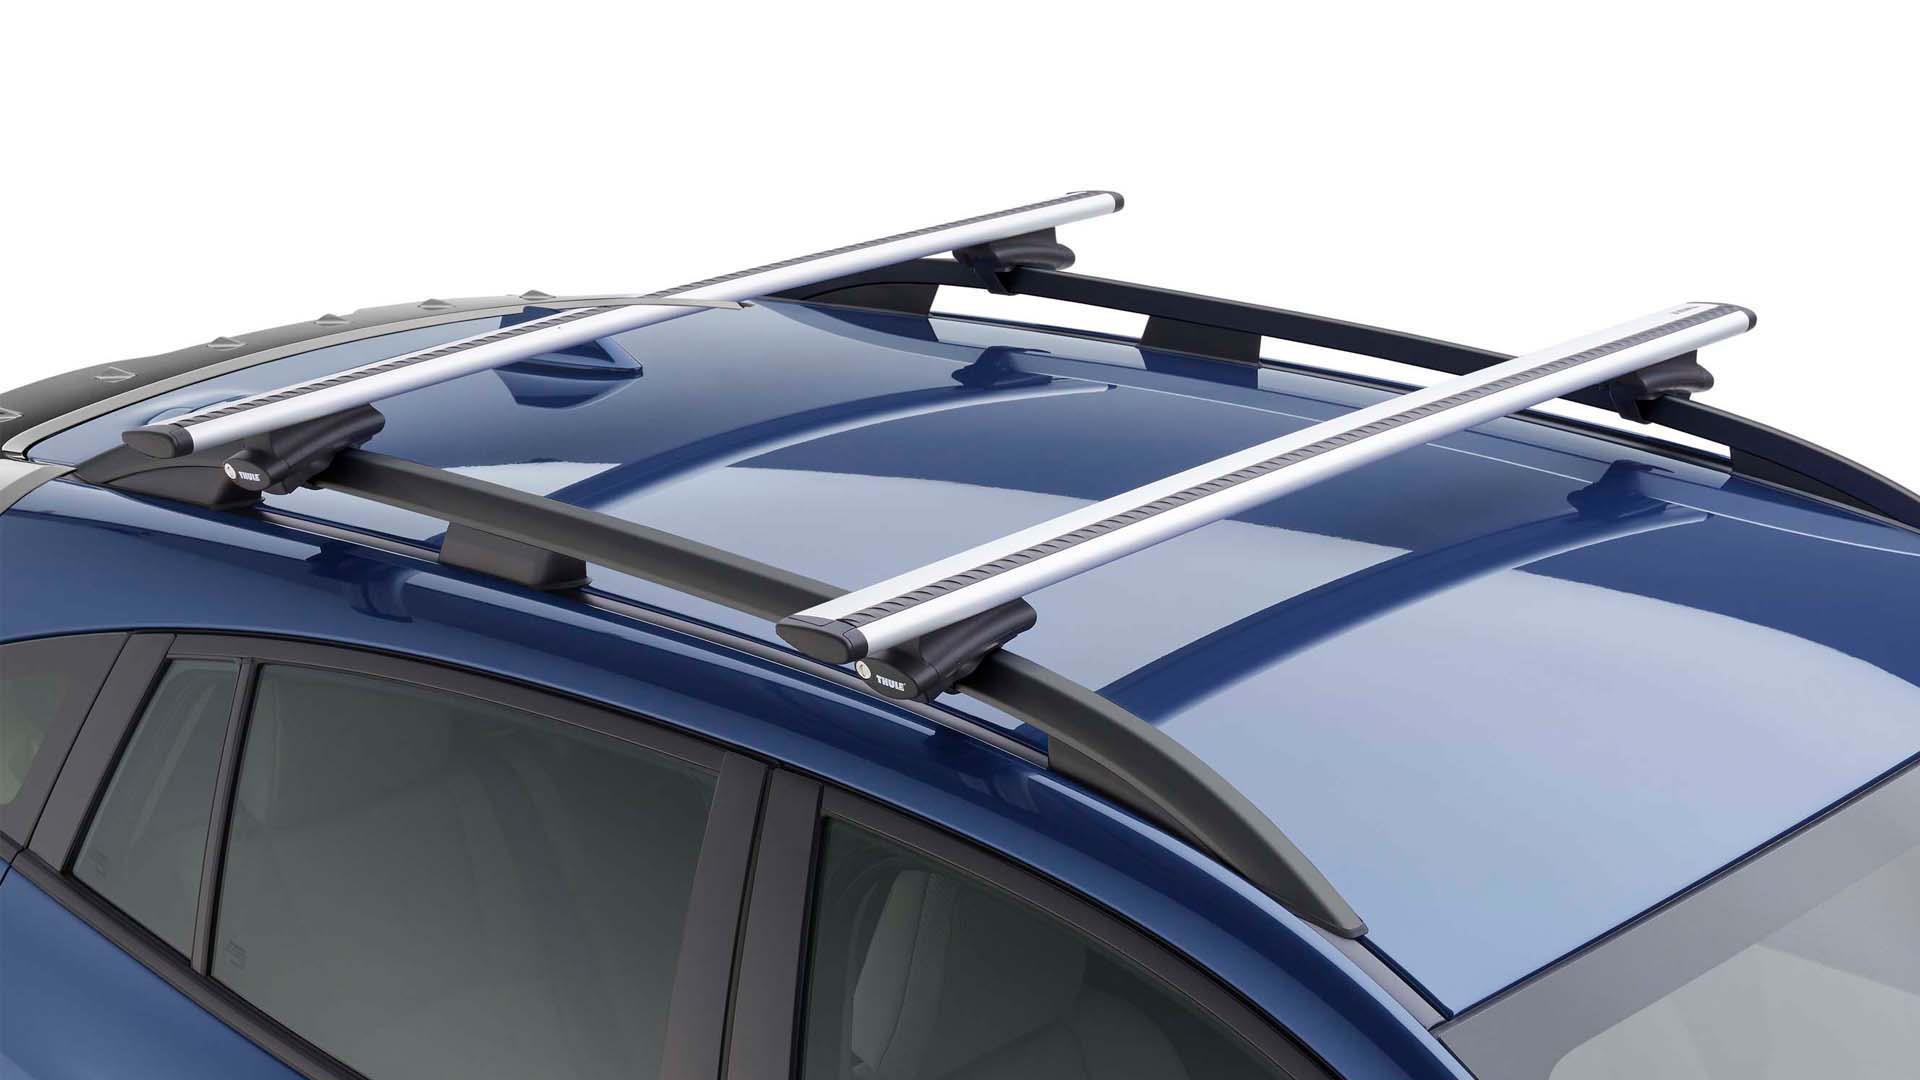 2018 Subaru Crosstrek Thule Crossbar Set Aero Extended